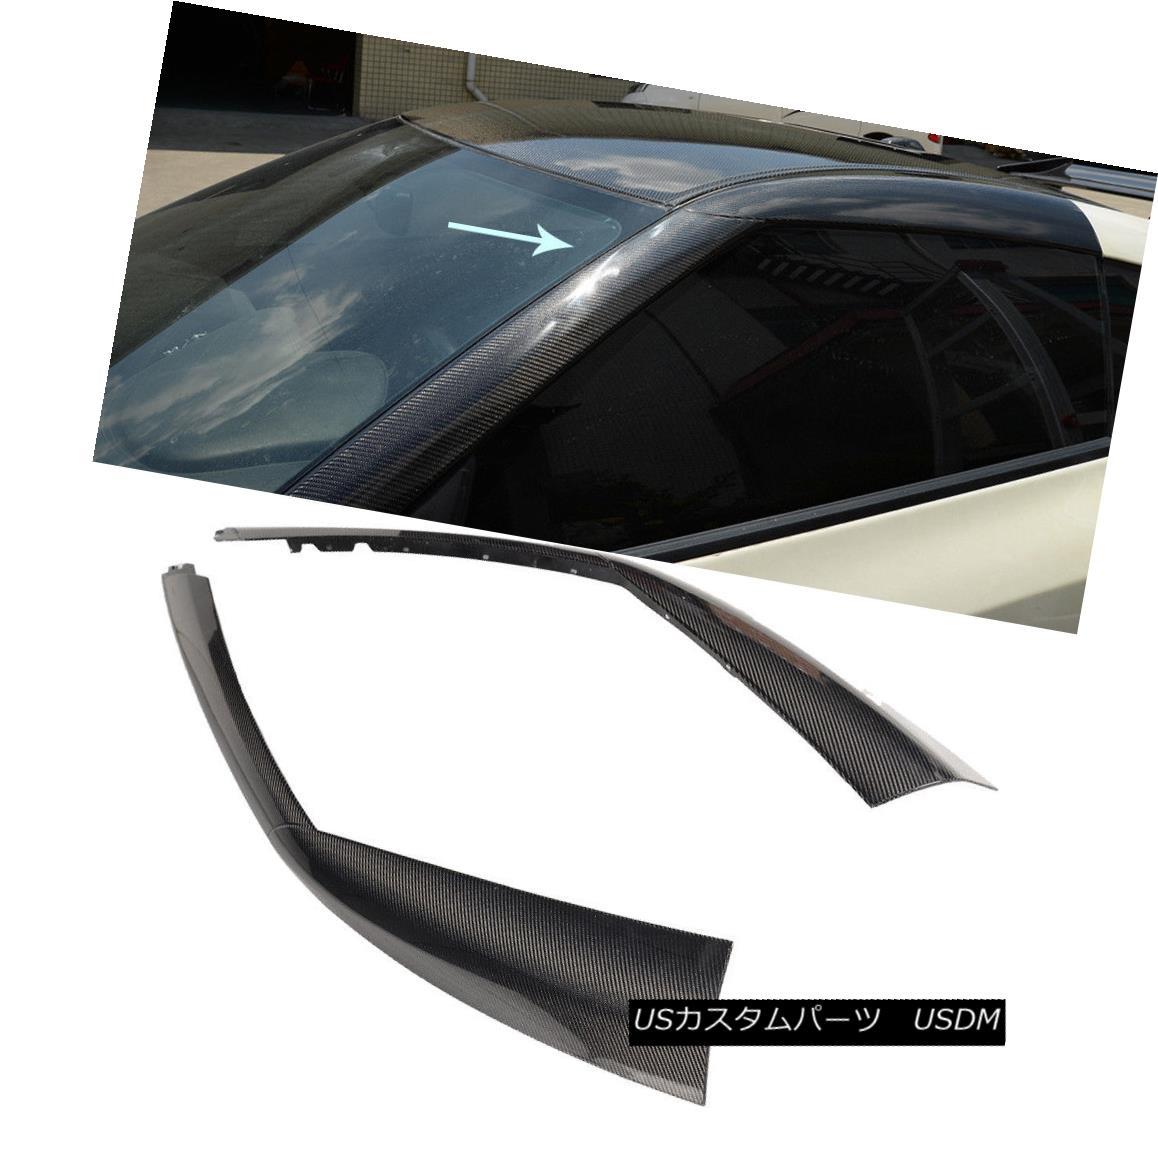 エアロパーツ For 2009-2015 Nissan R35 A Pillar Nissan GT-R GTR Car Window Panel Inner Trims 日産R35 Aピラー日産GT-R GTRカーウィンドウパネルインナートリム